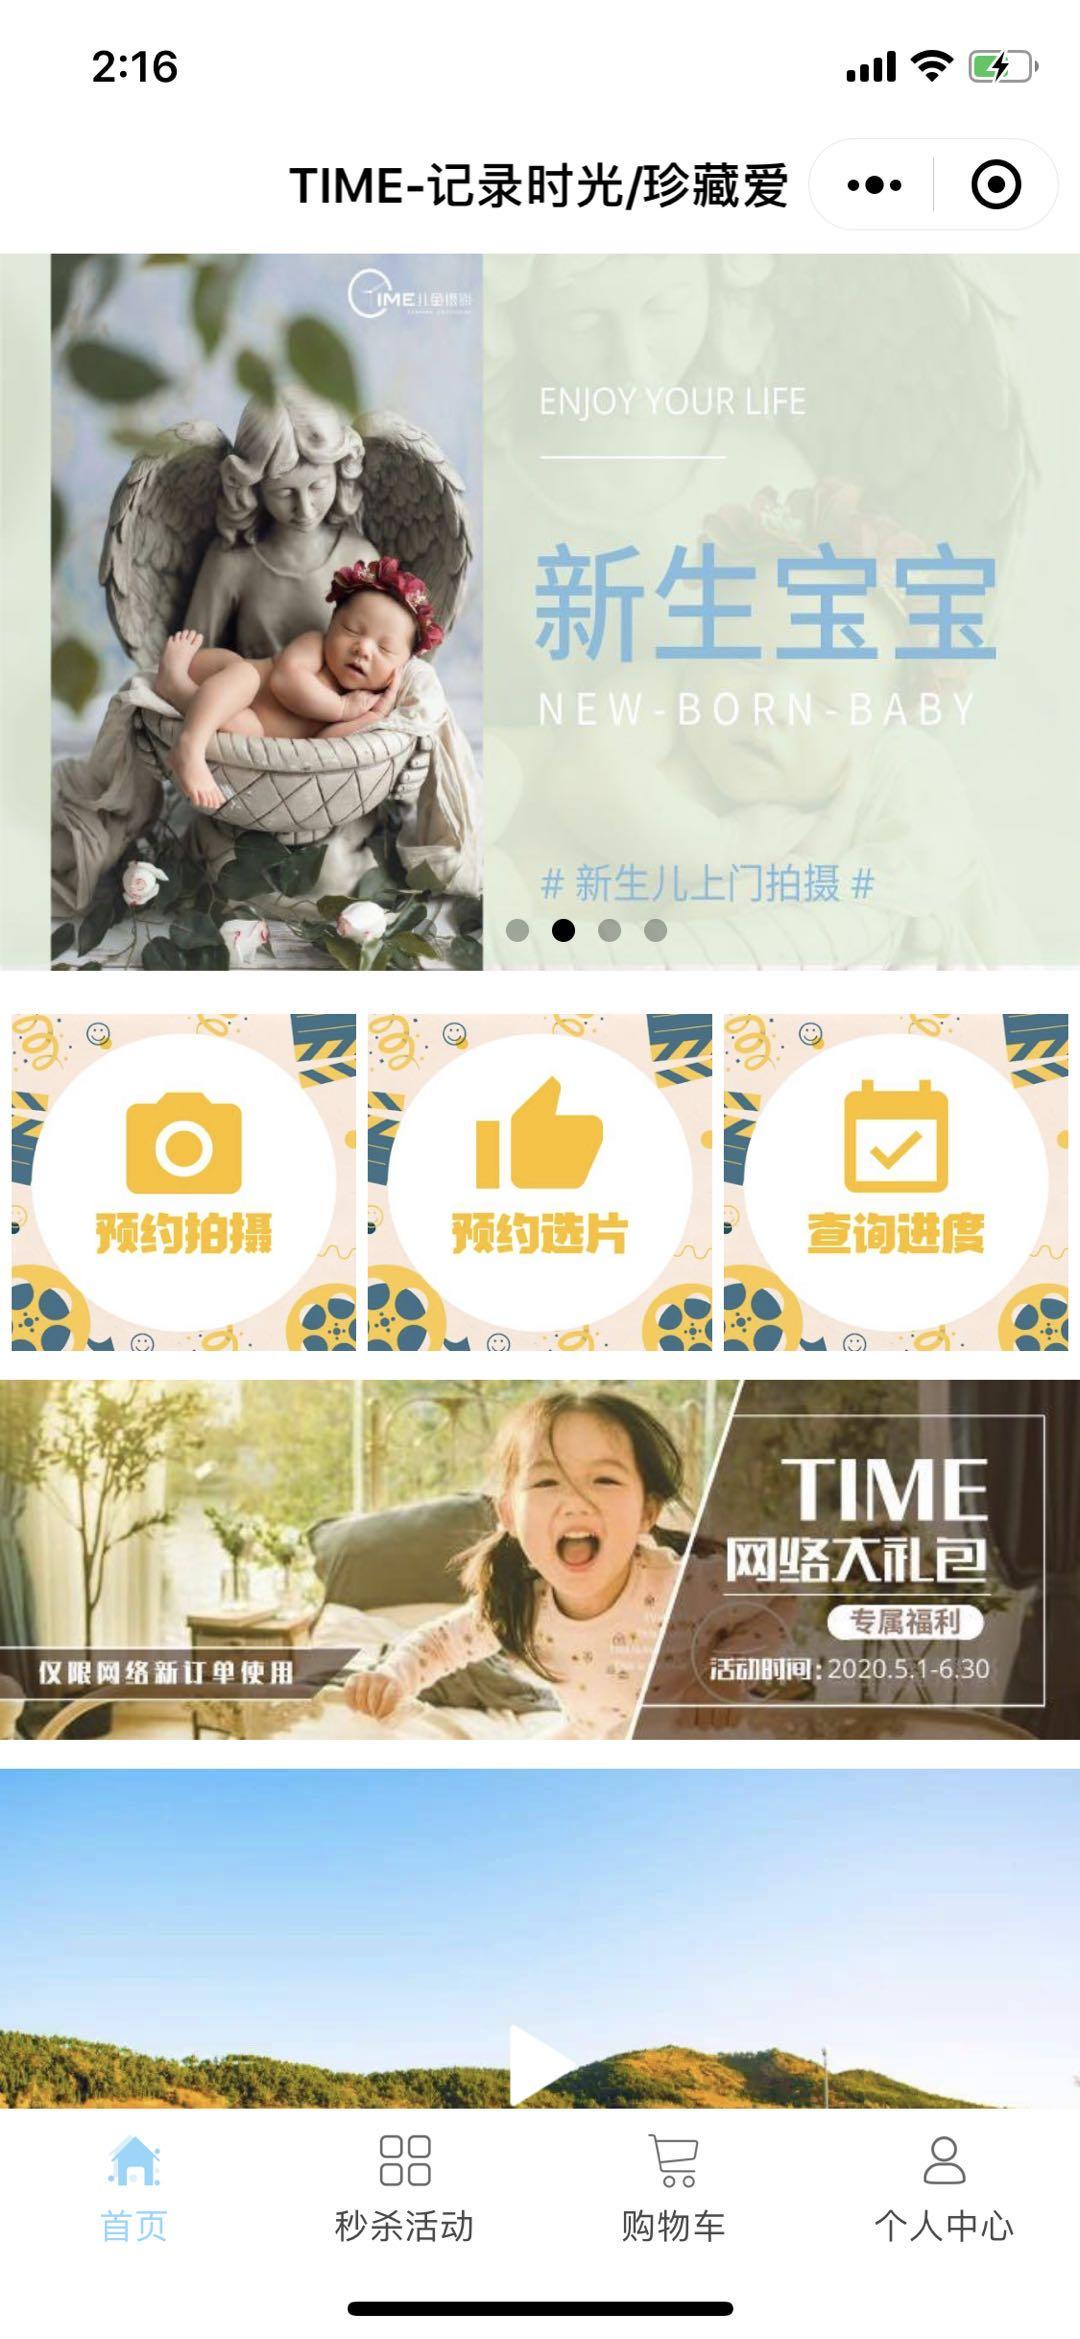 微信TIME儿童摄影小程序效果图预览